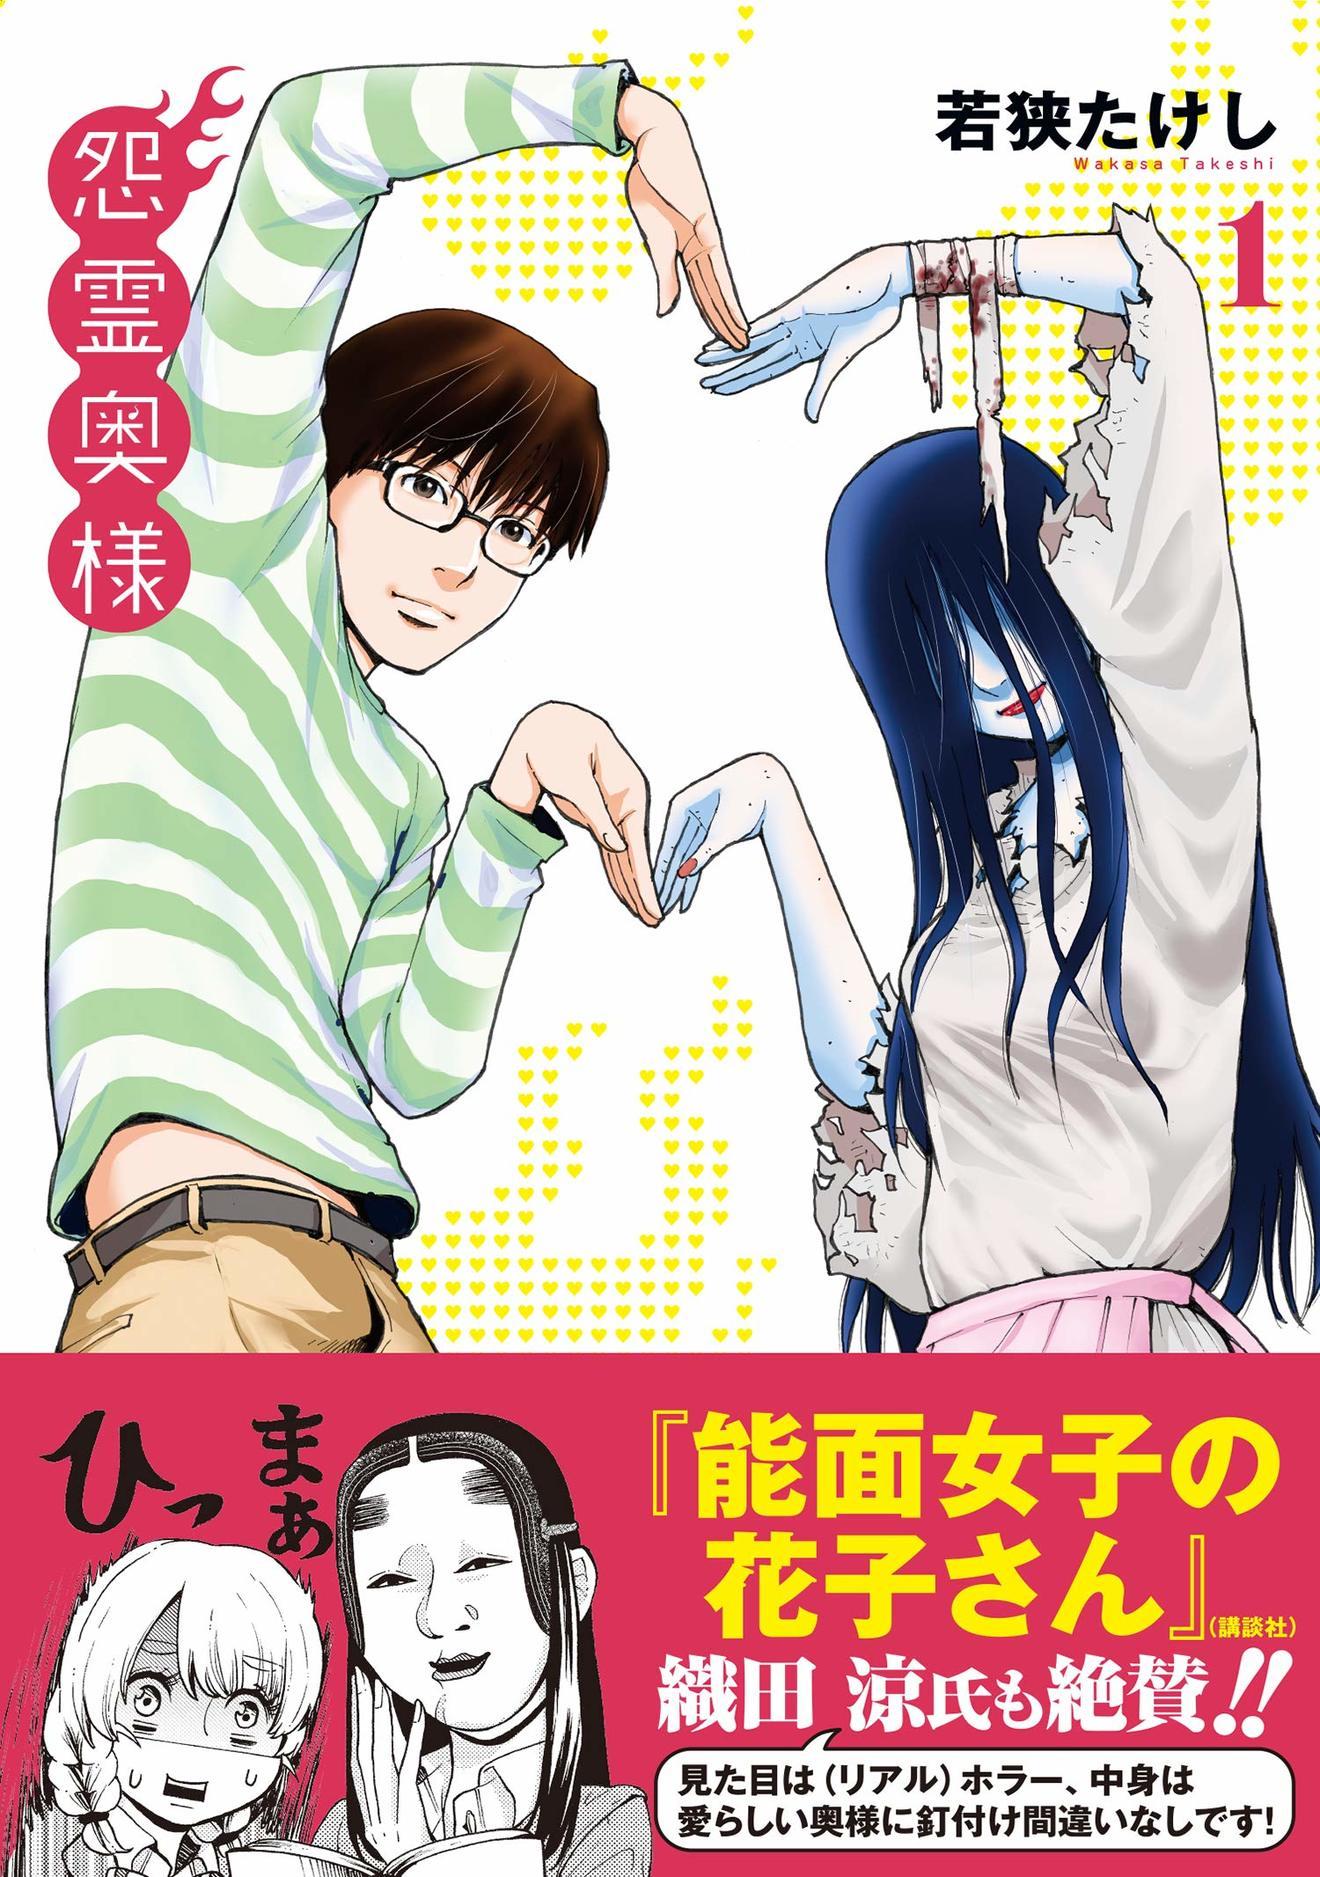 『怨霊奥様』があらすじからしてヤバい!まさかの恋愛漫画をネタバレ【無料】